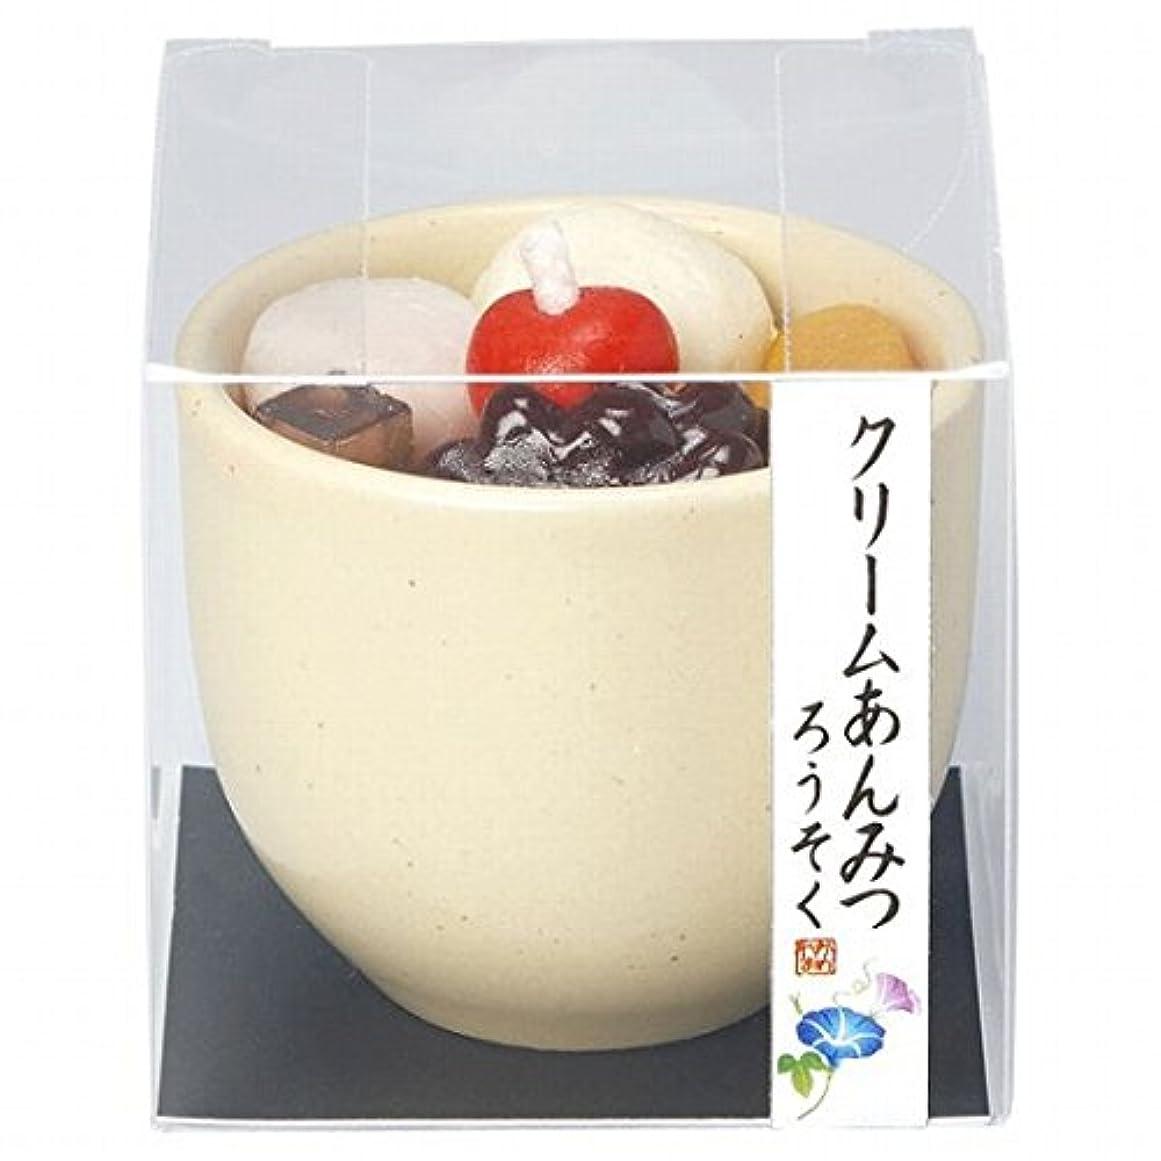 話熟読家具カメヤマキャンドル( kameyama candle ) クリームあんみつキャンドル